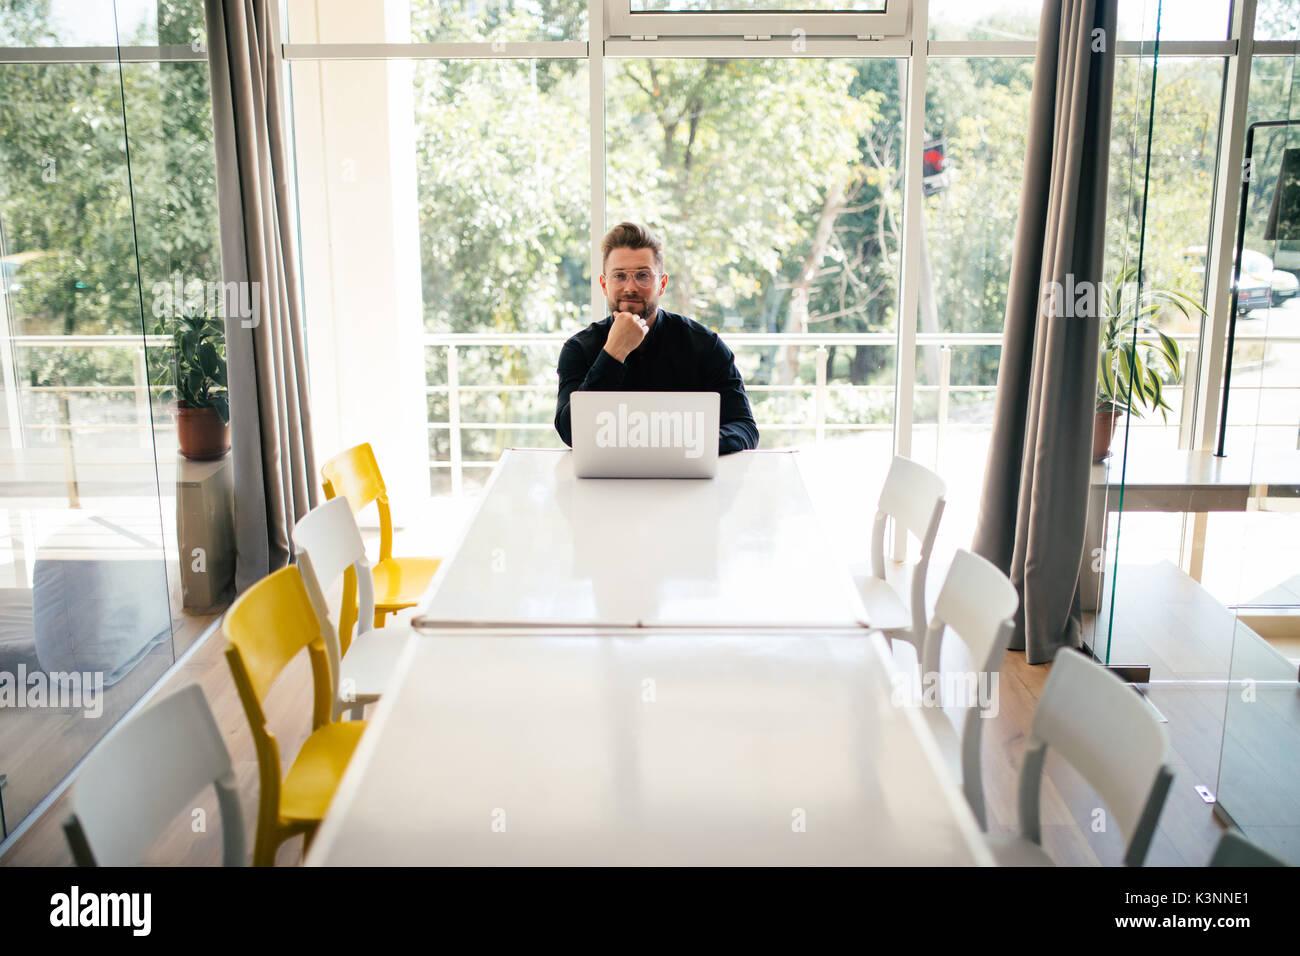 Bel giovane uomo d affari con computer portatile da solo nella grande e luminosa sala conferenze Immagini Stock